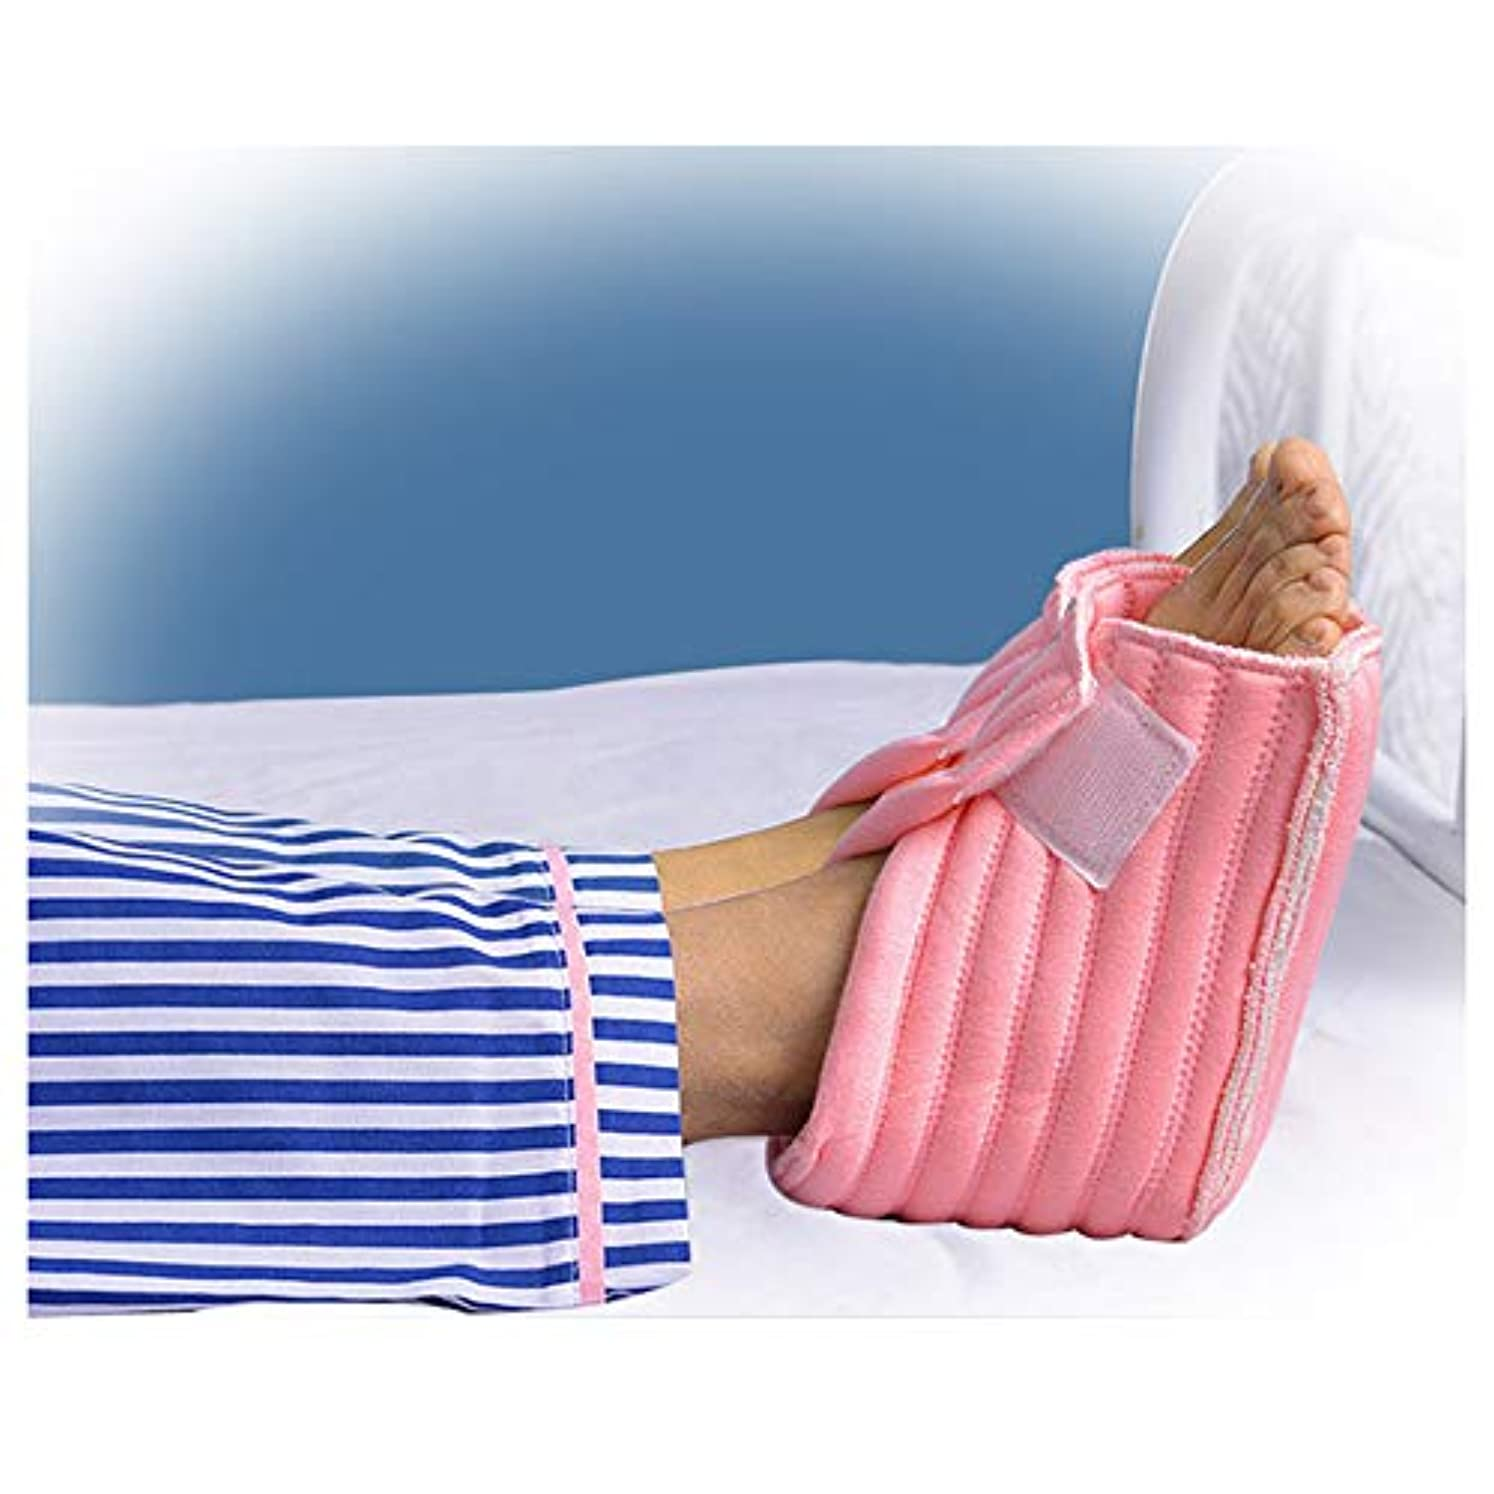 比べる不可能な爆発物ヒールプロテクター枕、足首サポート枕フットプロテクション、足枕、1ペア、ピンク